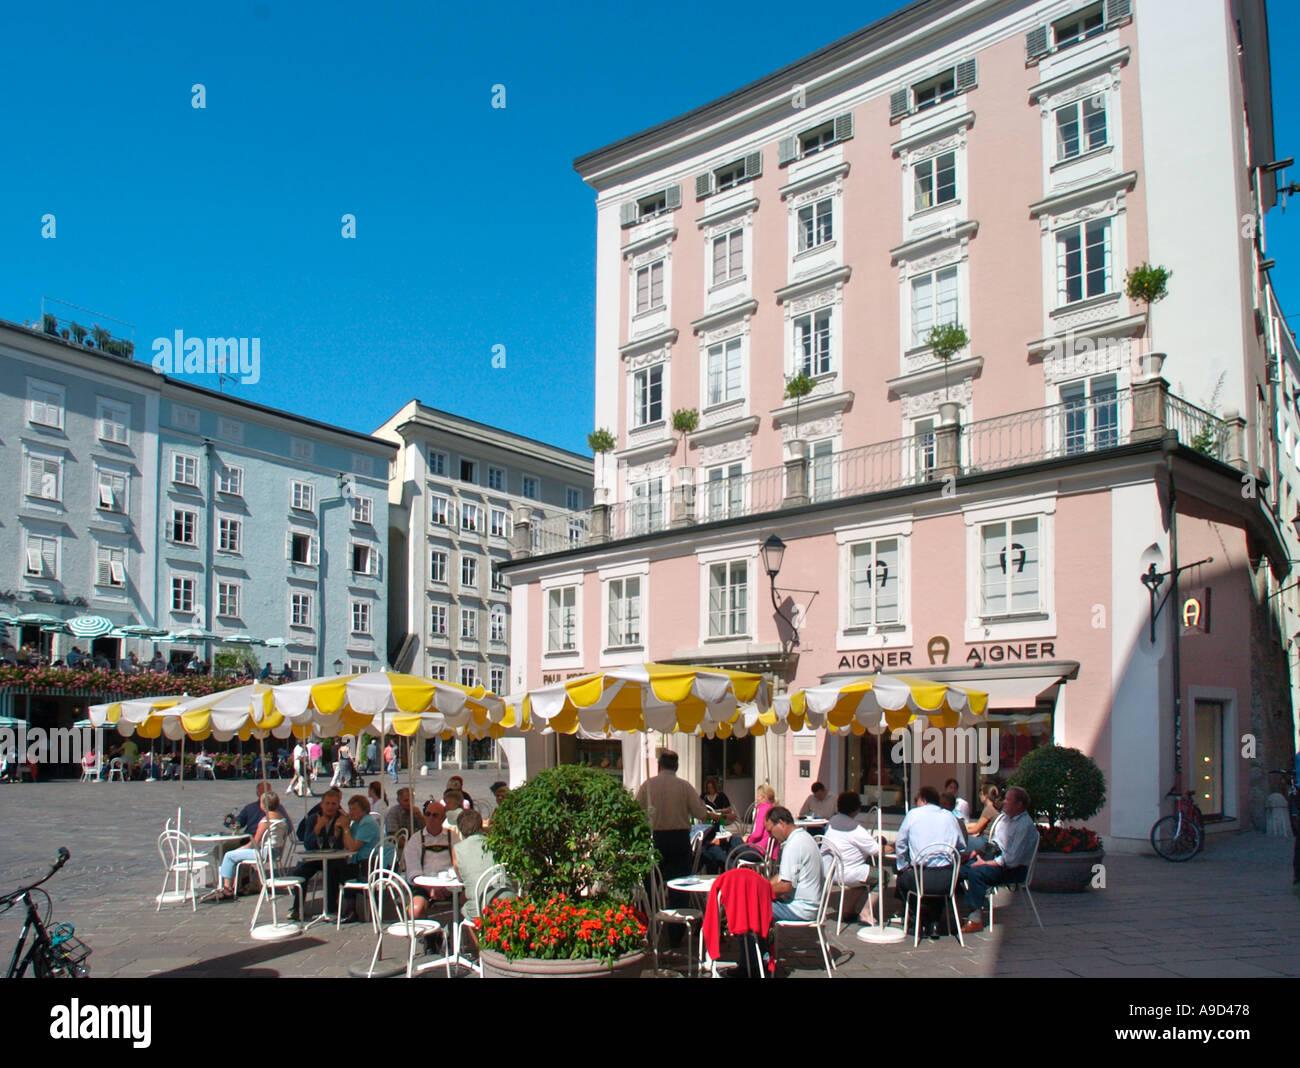 Straßencafé in der Altstadt (Altstadt), Salzburg, Österreich Stockbild